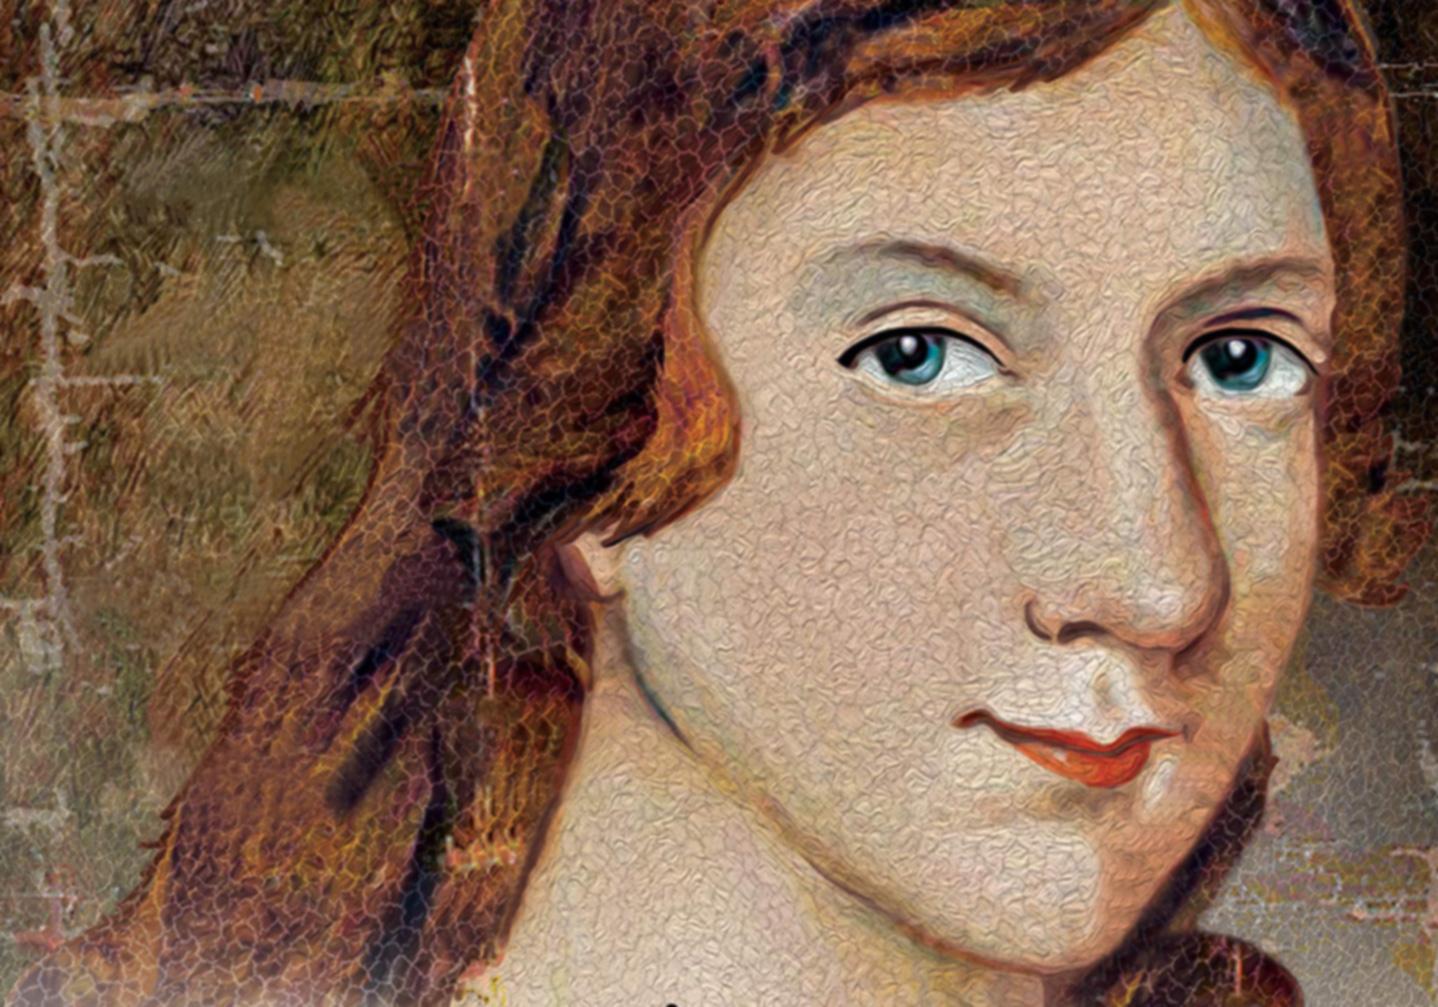 No Methodism, no Brontës